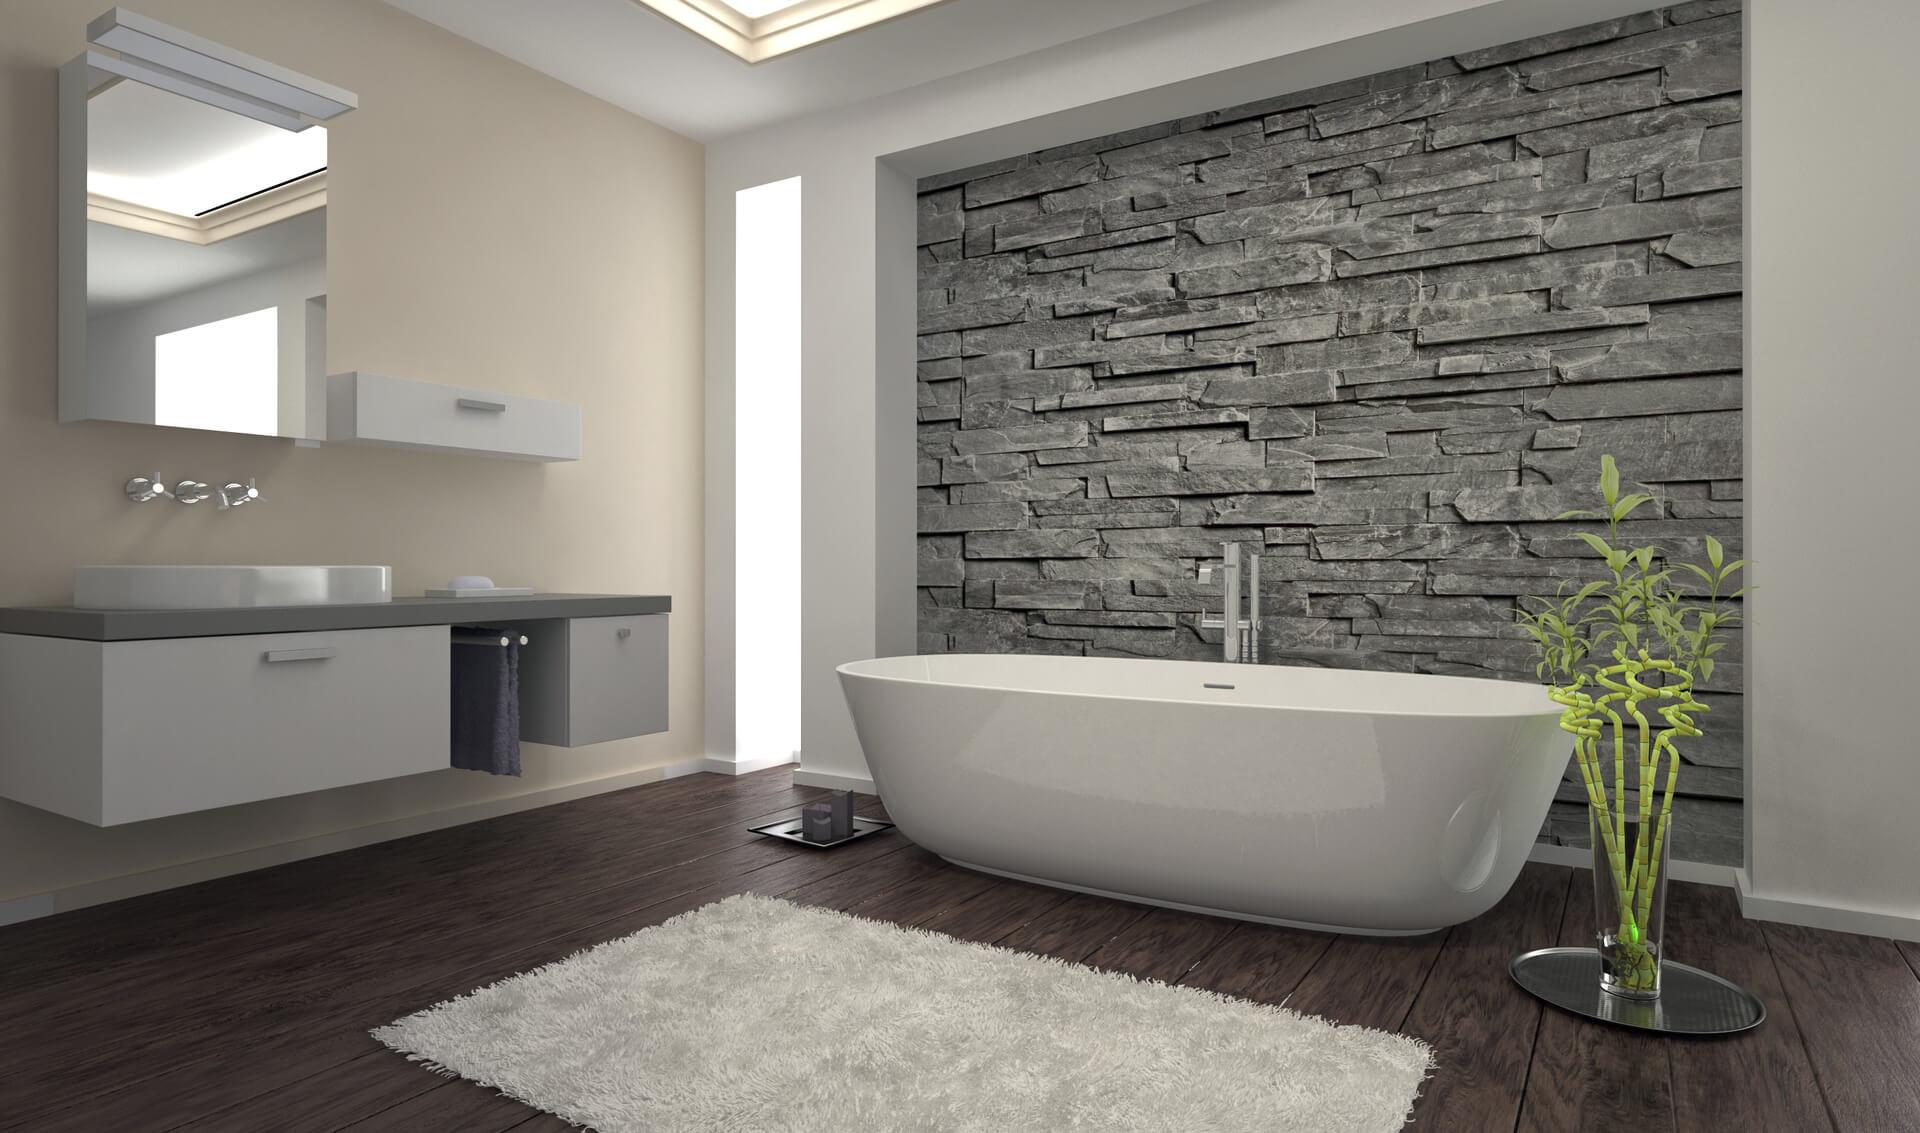 כלים סנטרים וארונות אמבטיה 2